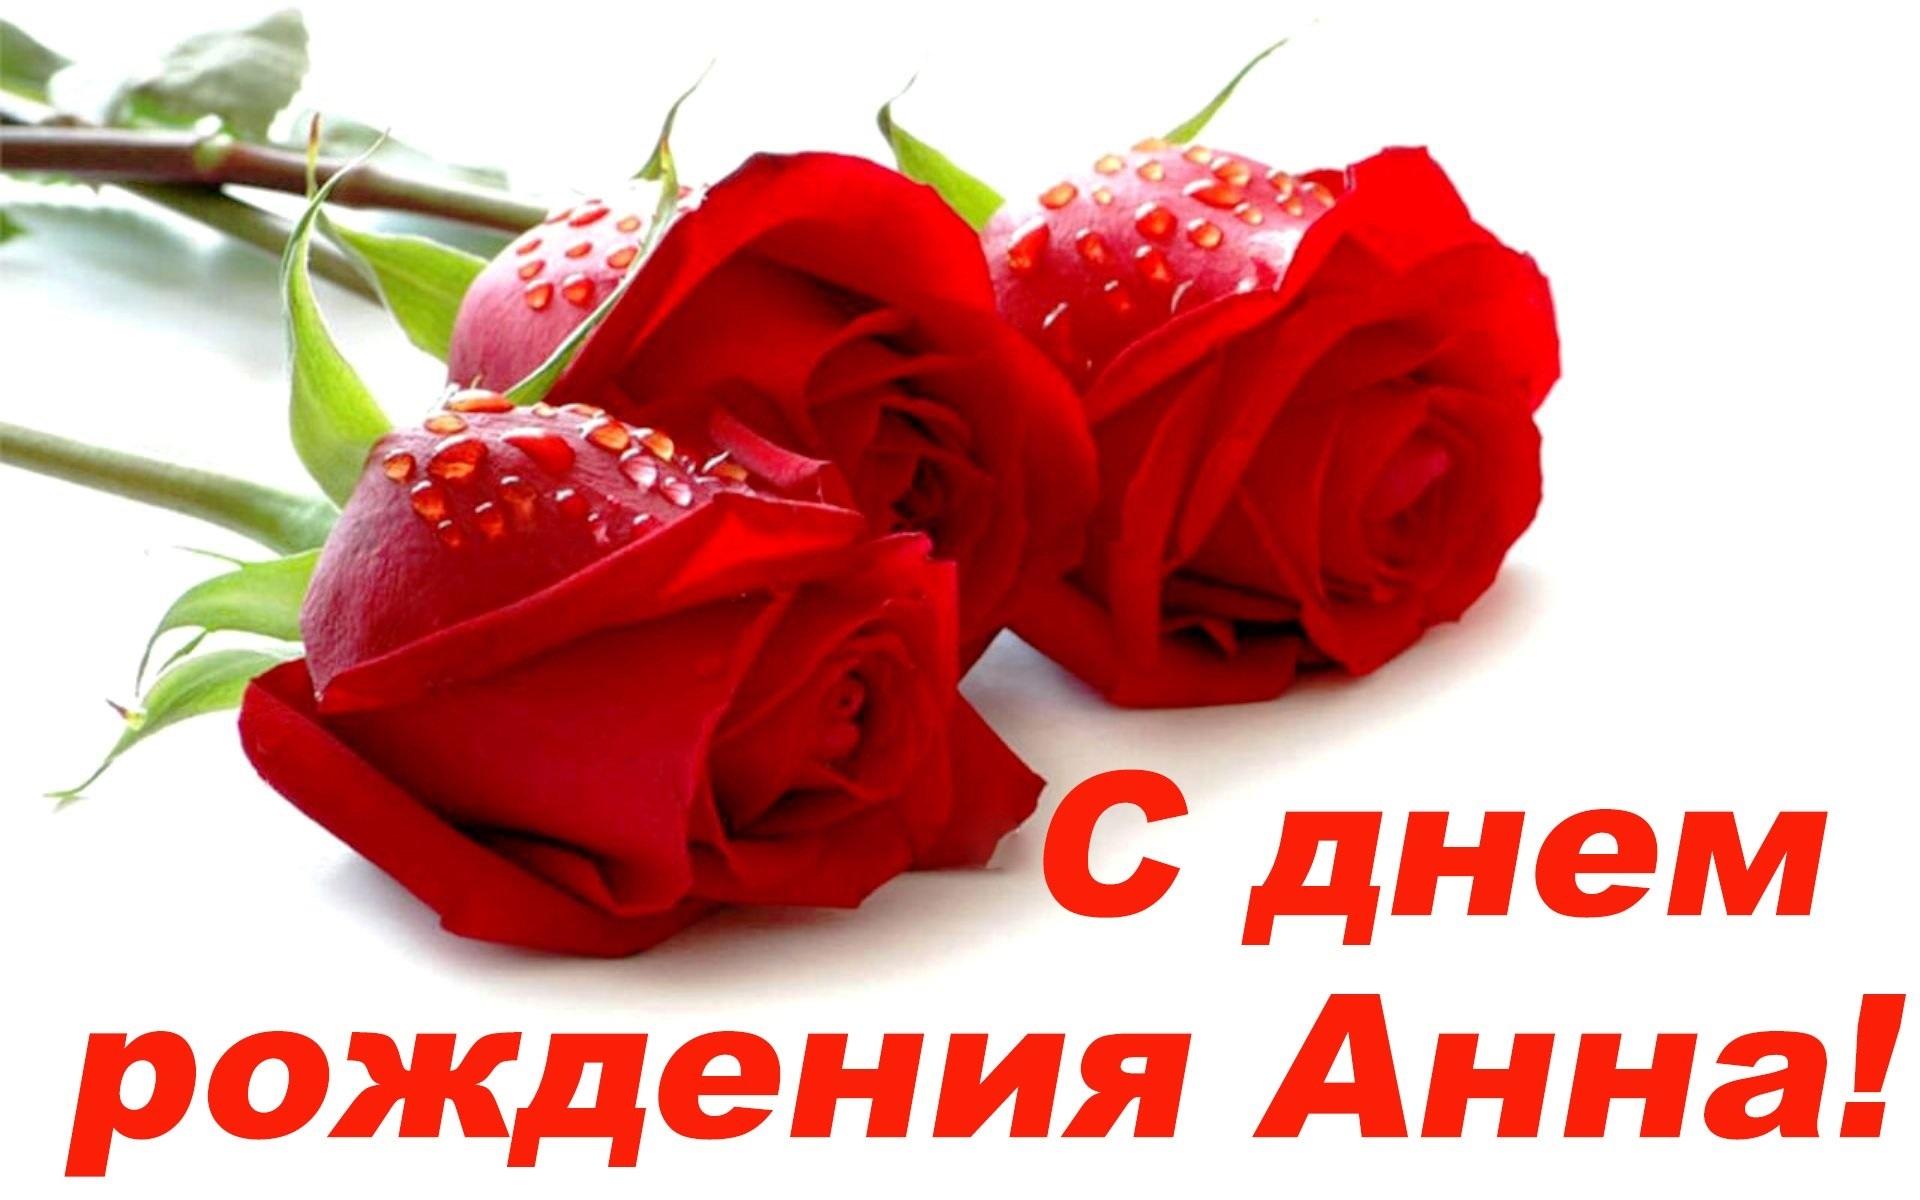 Поздравлением днем, поздравления с днем рождения подруге анне в картинках